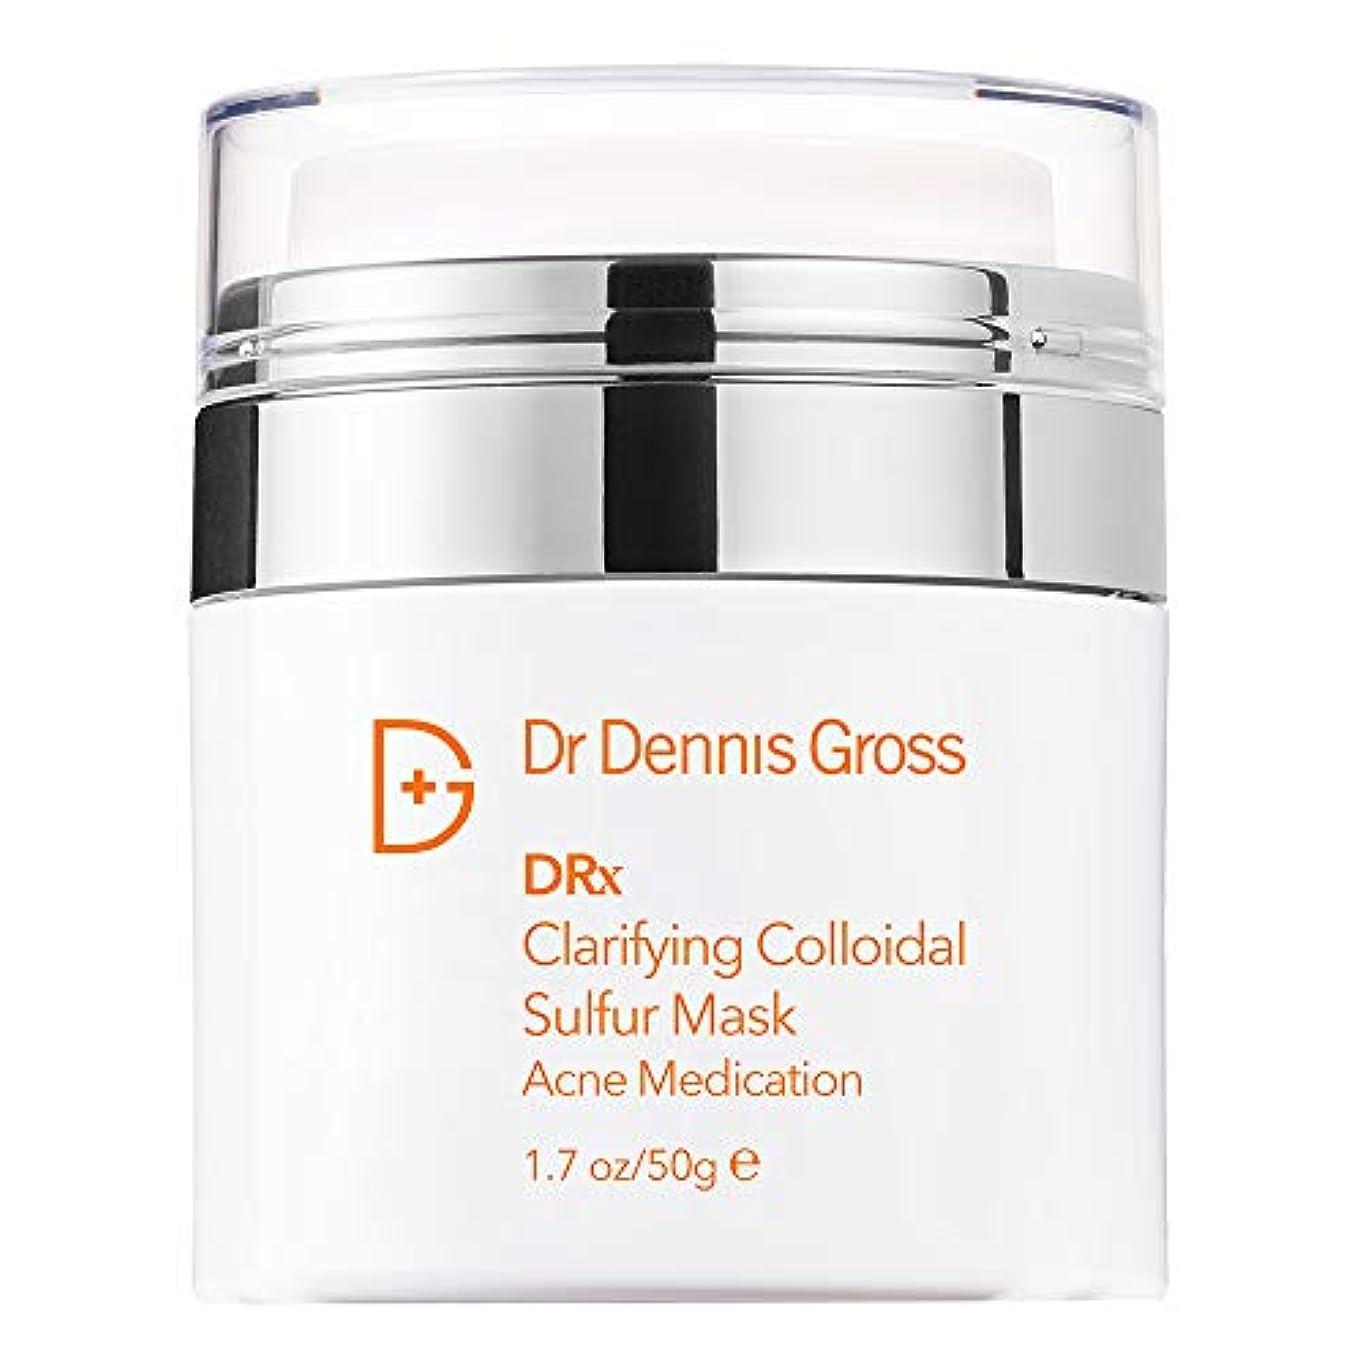 有益な変化時計ドクターデニスグロス DRx Clarifying Colloidal Sulfur Mask 50g/1.7oz並行輸入品